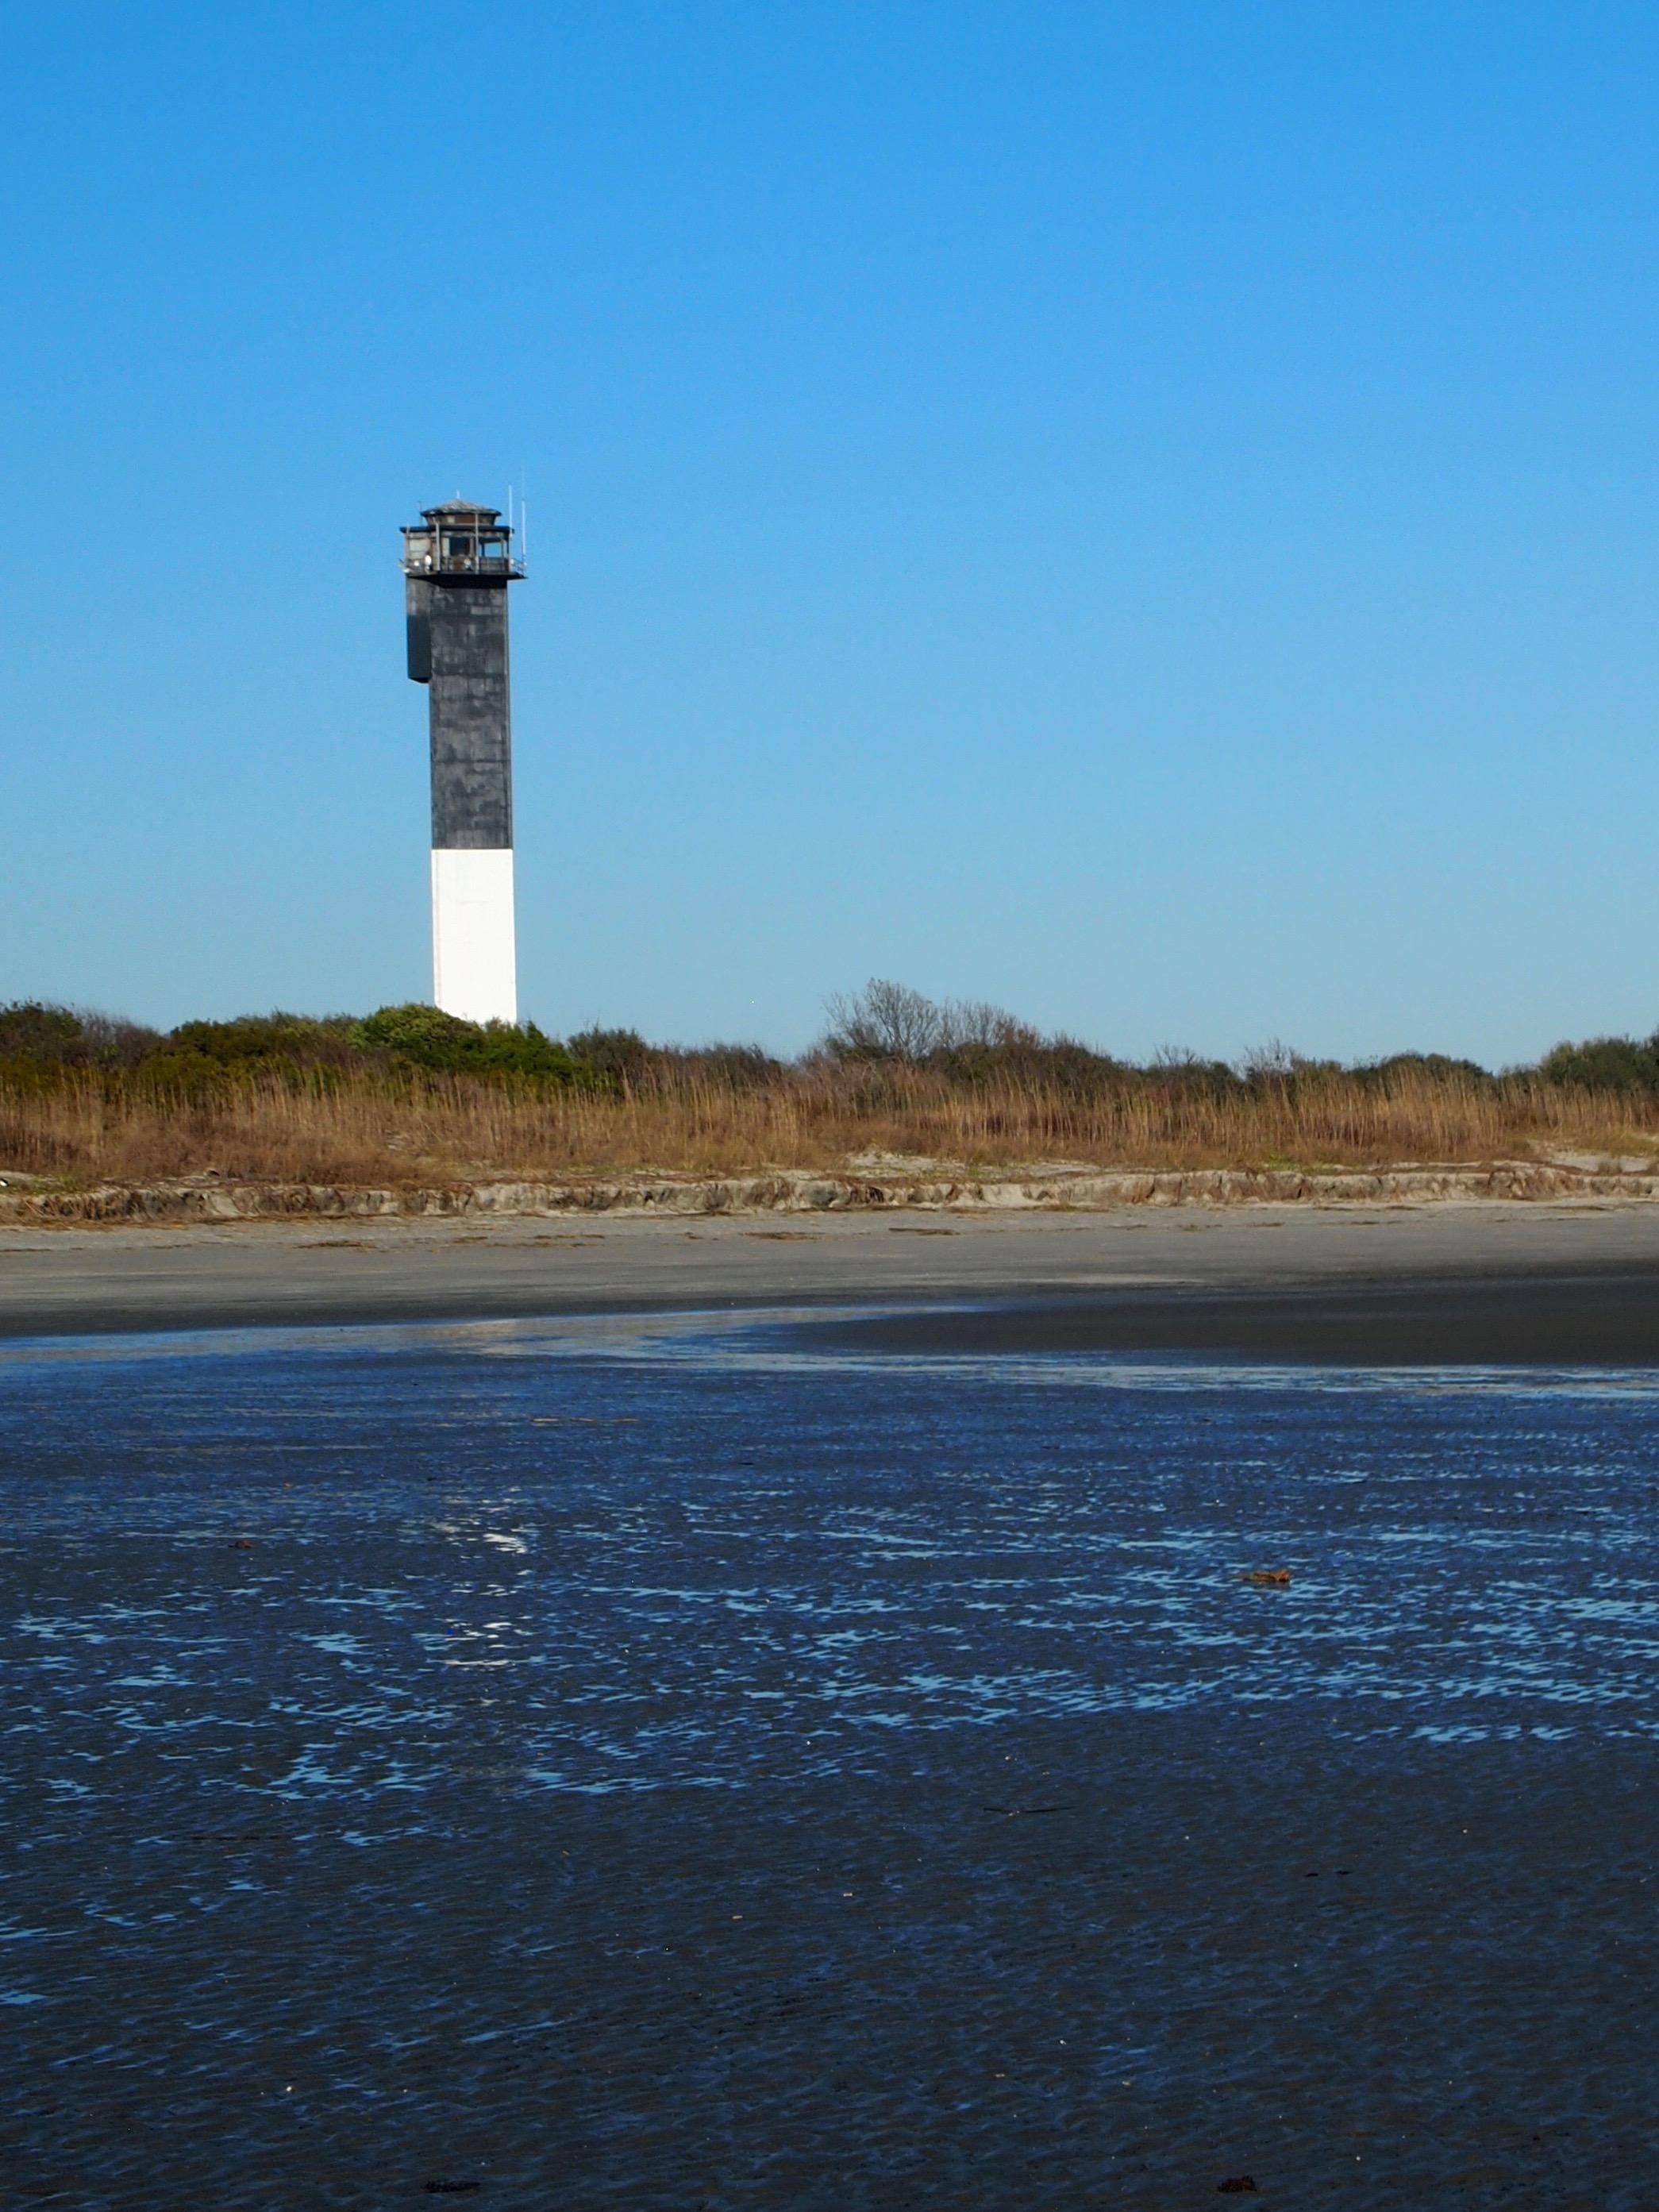 Sullivan's Island, South Carolina